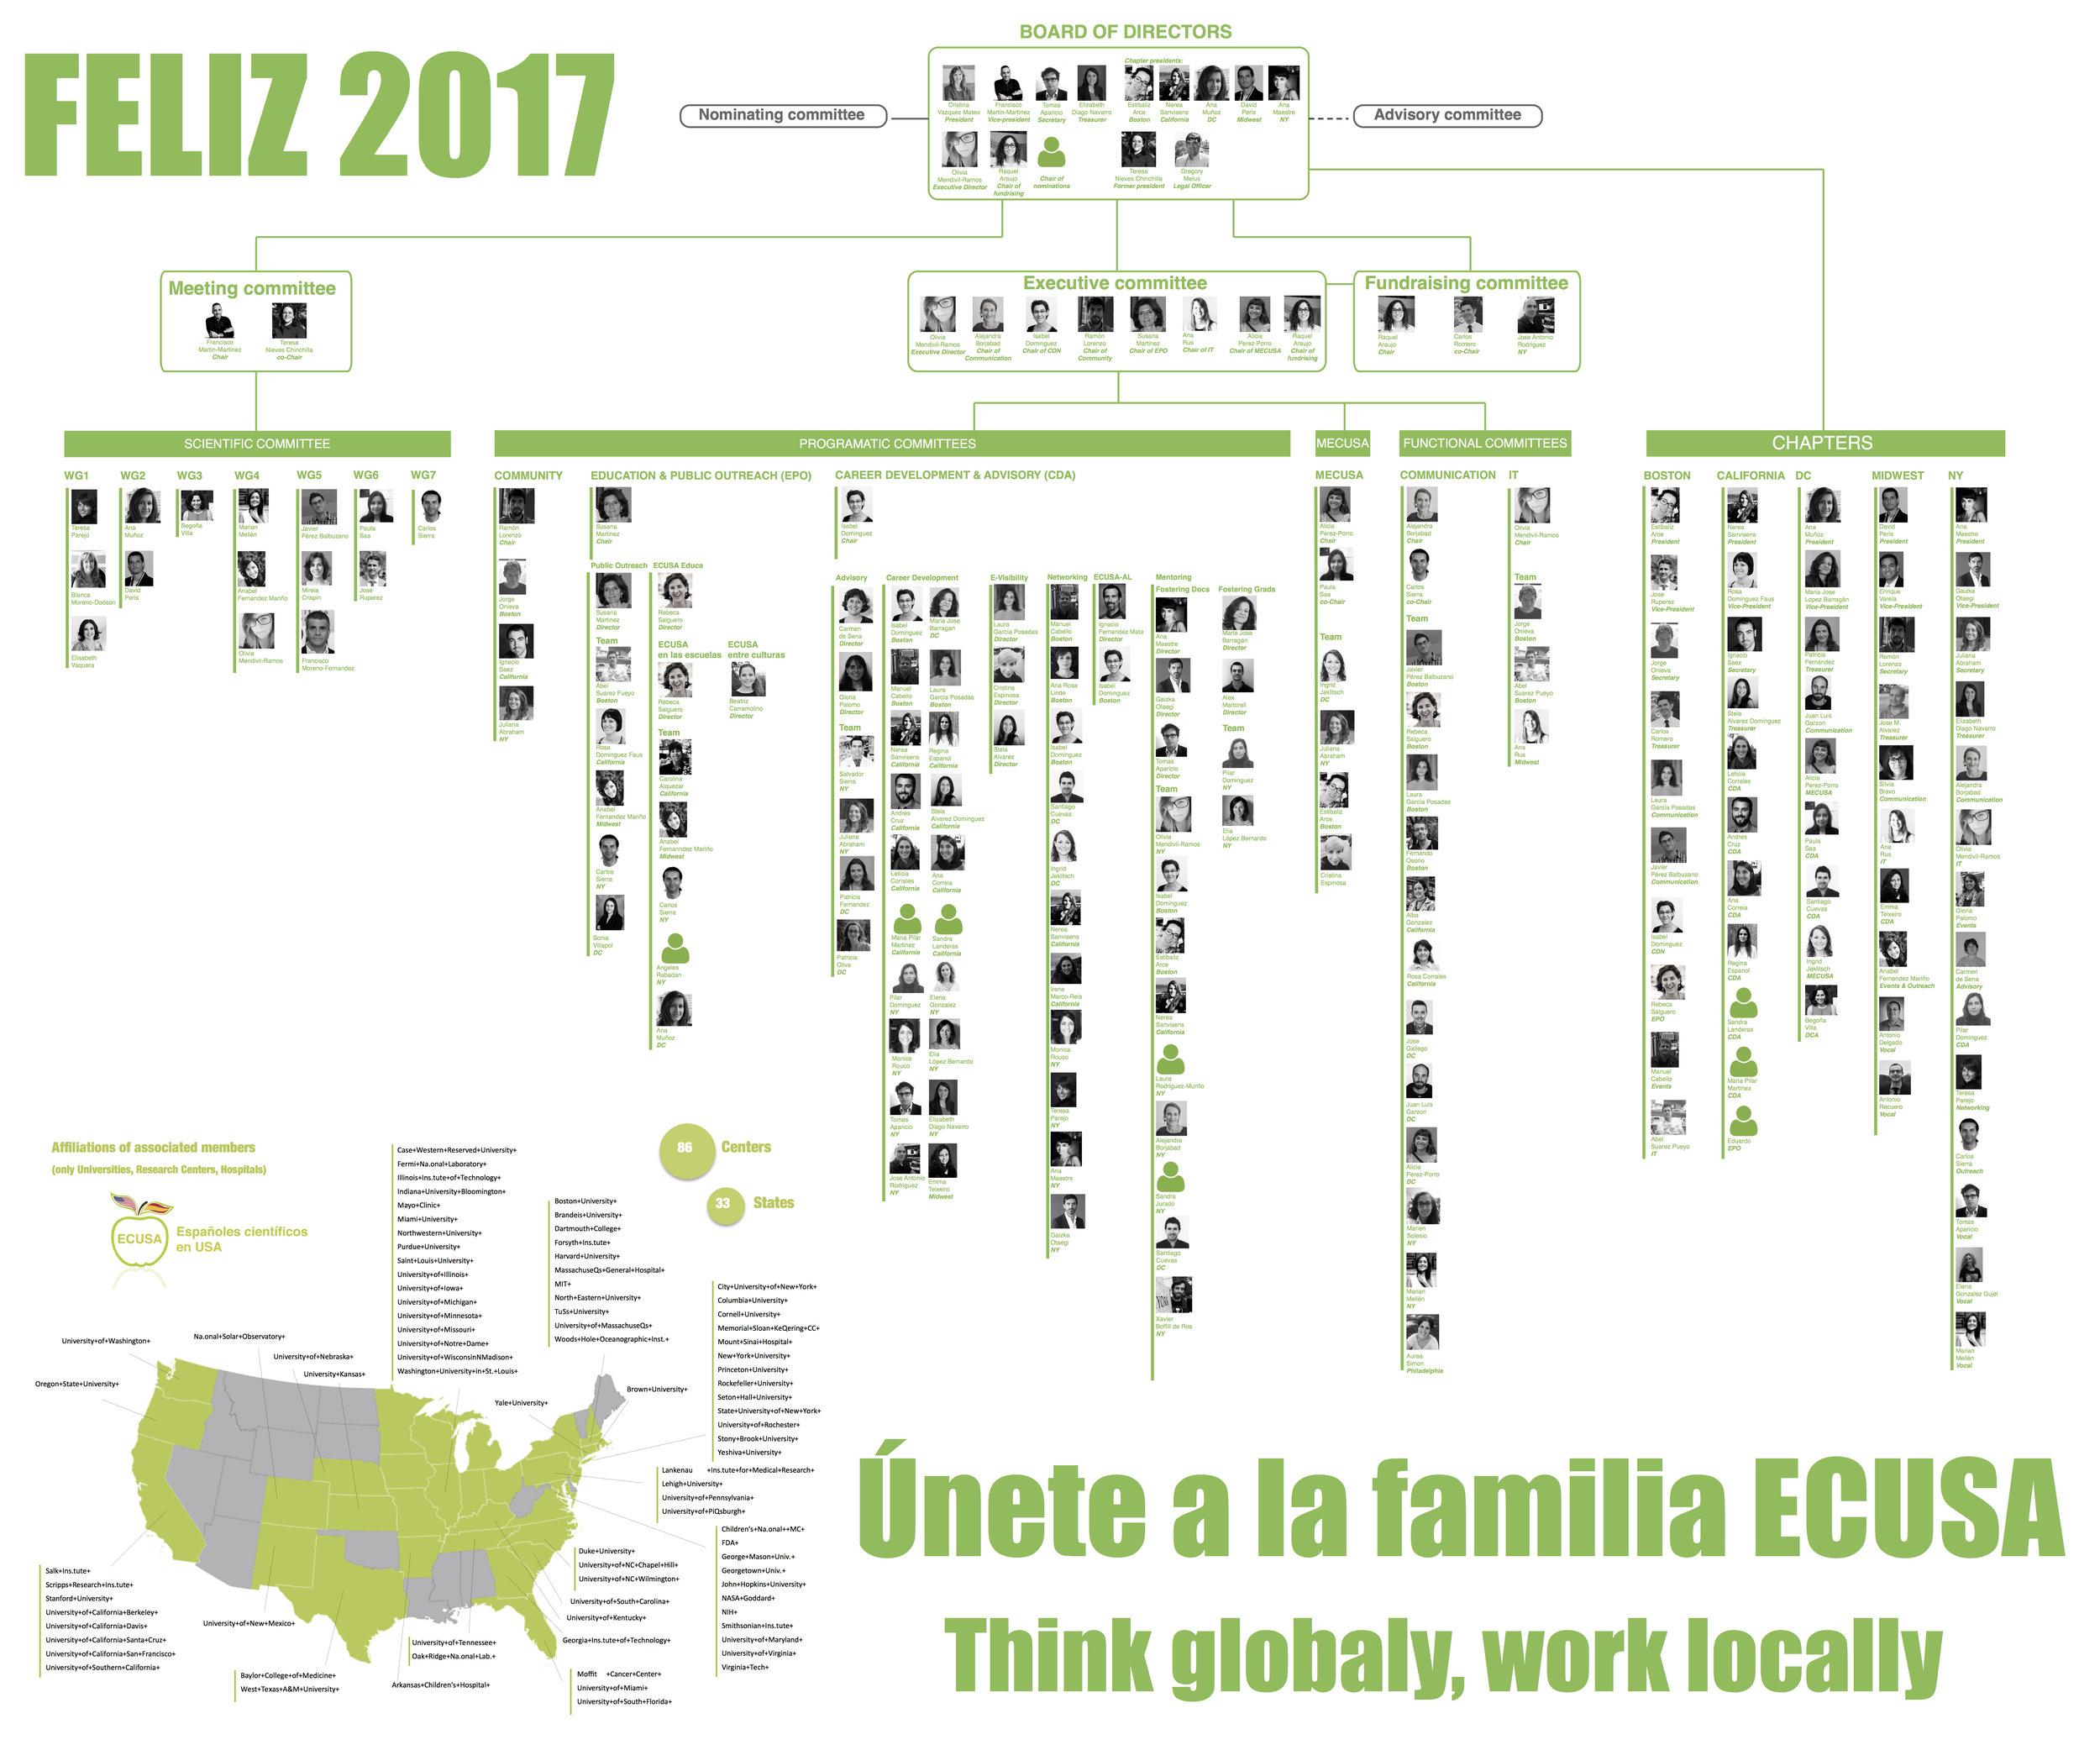 organigrama-2017.jpg